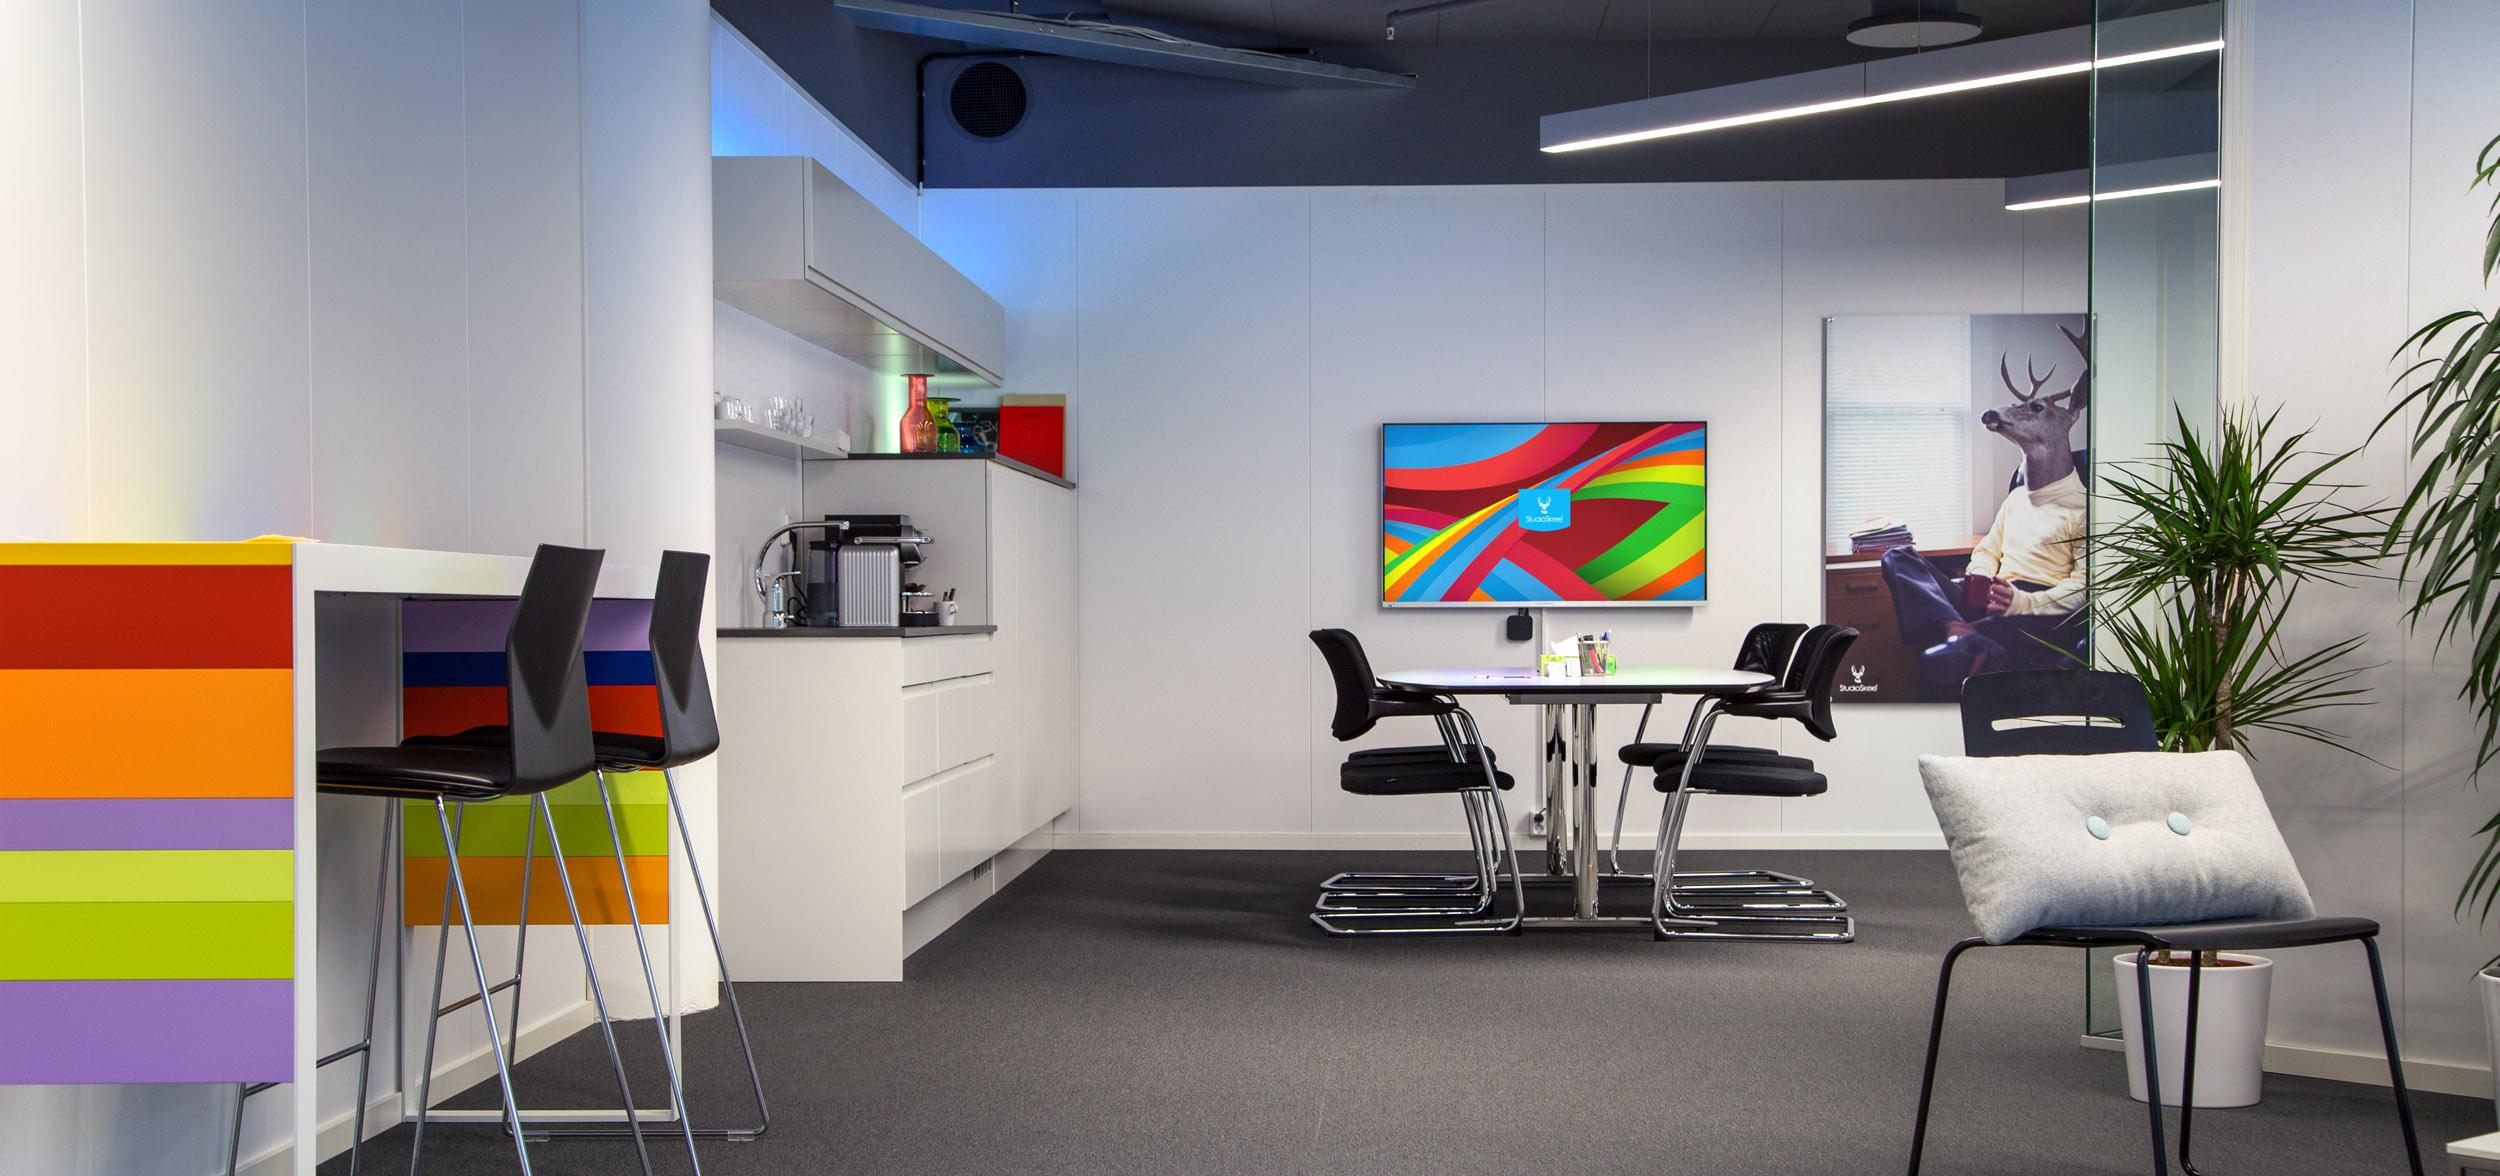 StudioSkeie-besøk-galleri-1.jpg